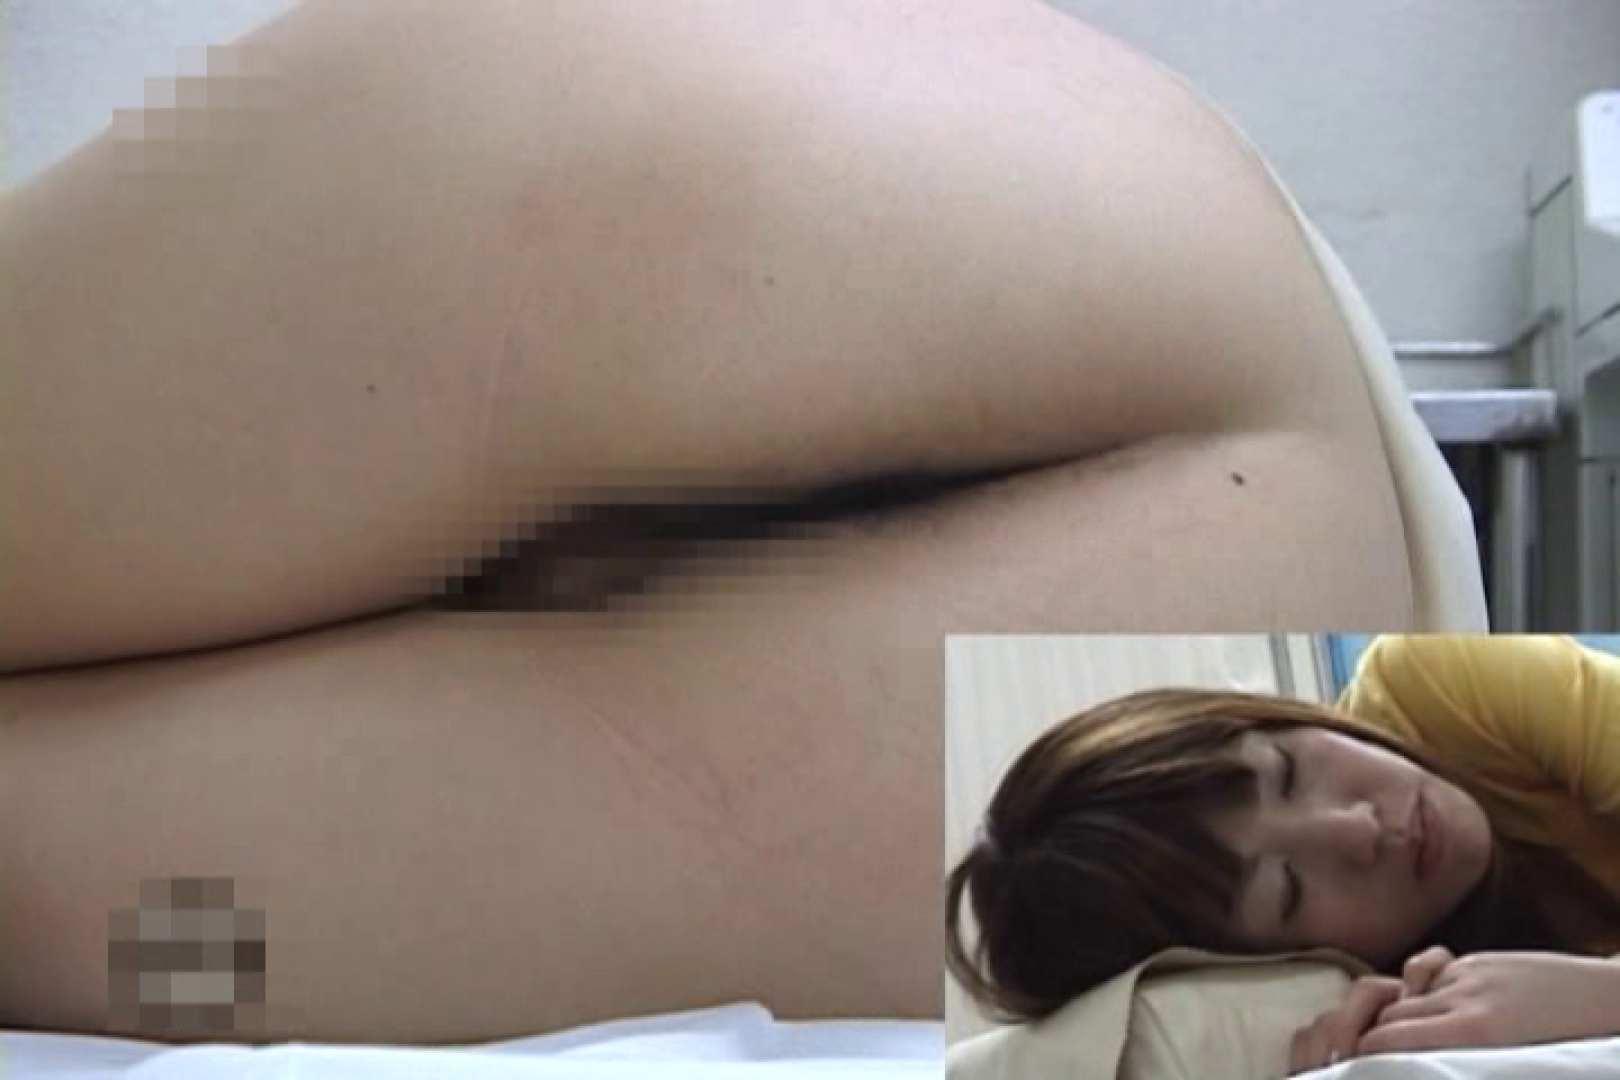 逆噴射病院 肛門科Vol.7 OLセックス 隠し撮りセックス画像 65画像 2